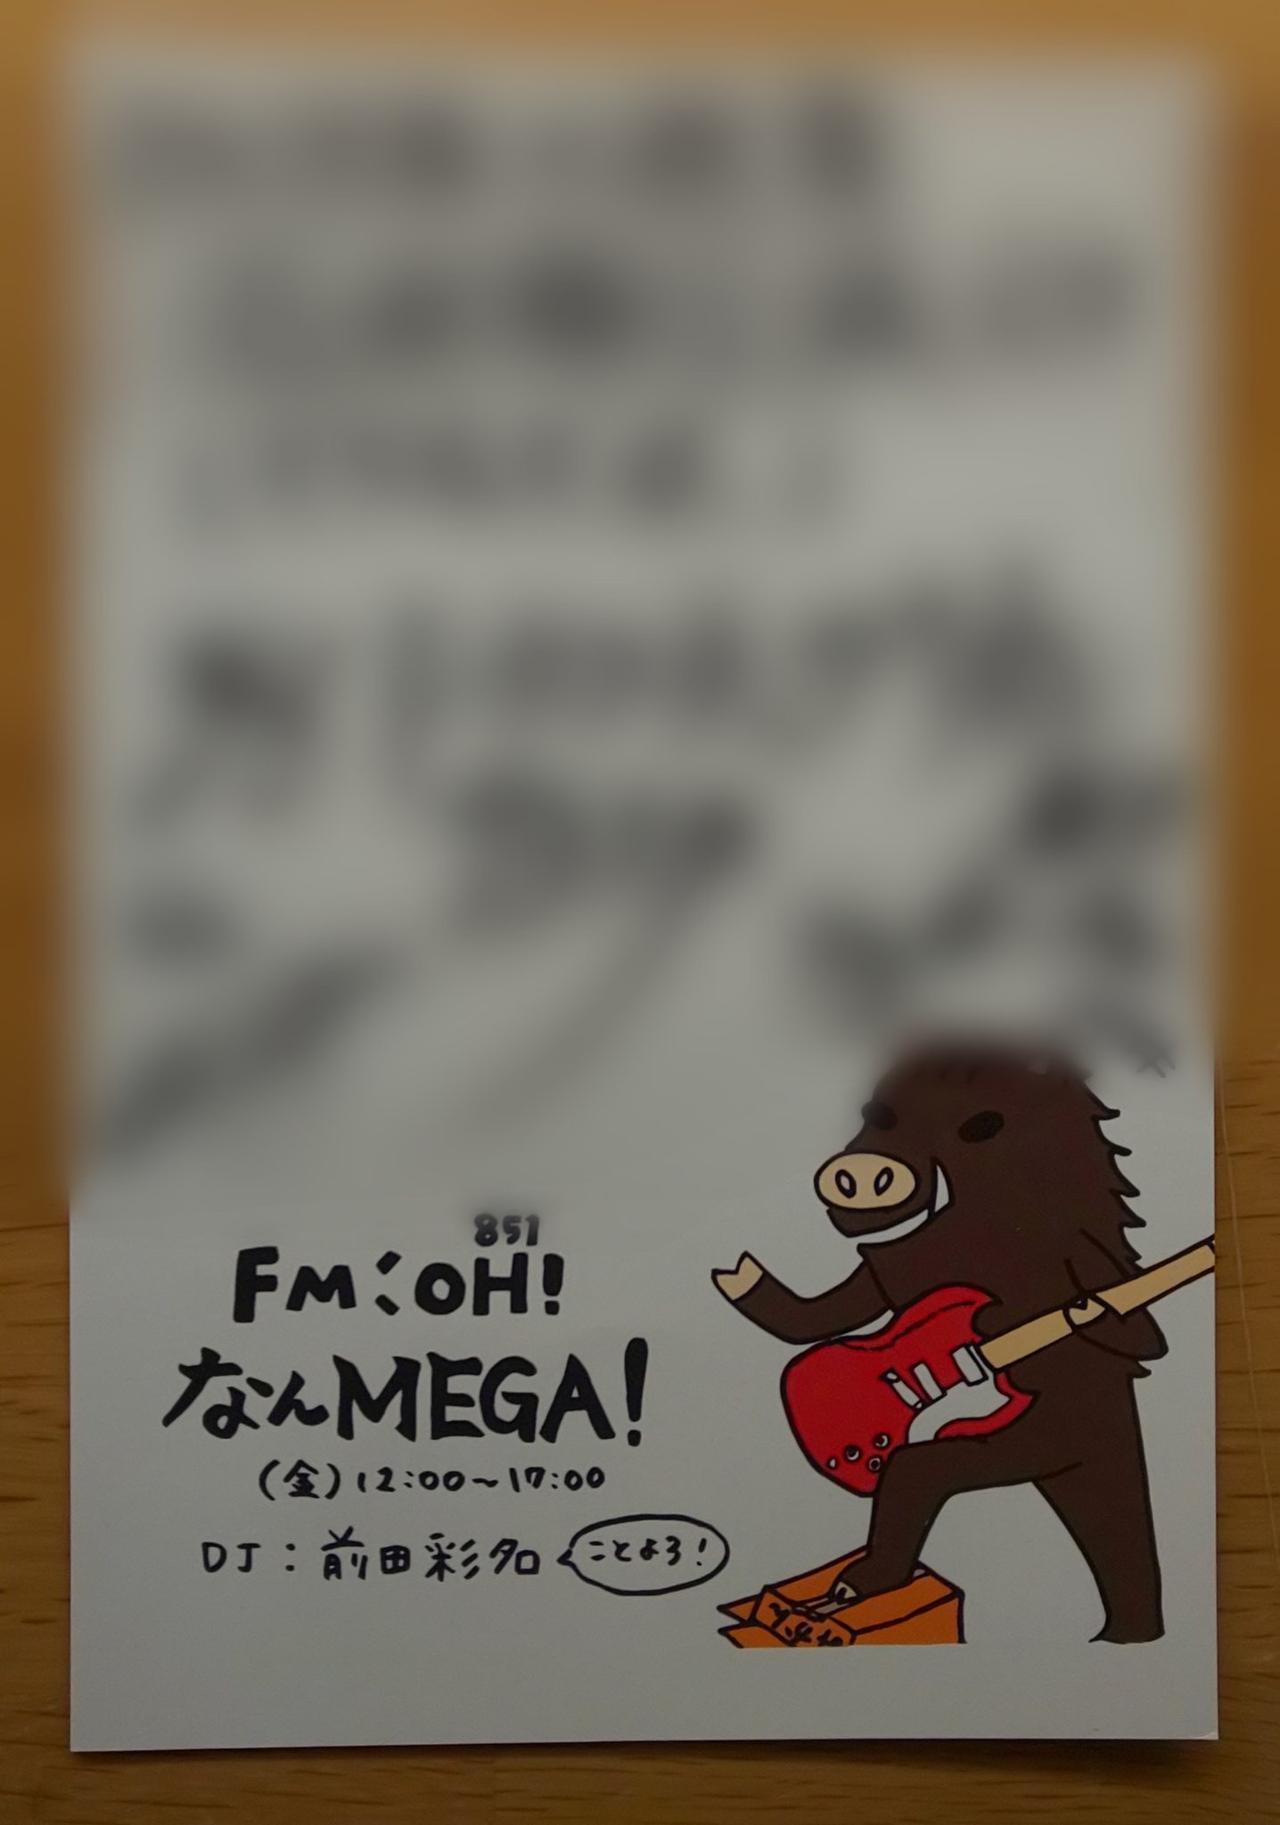 画像22: FM OH! なんMEGA! on Twitter twitter.com